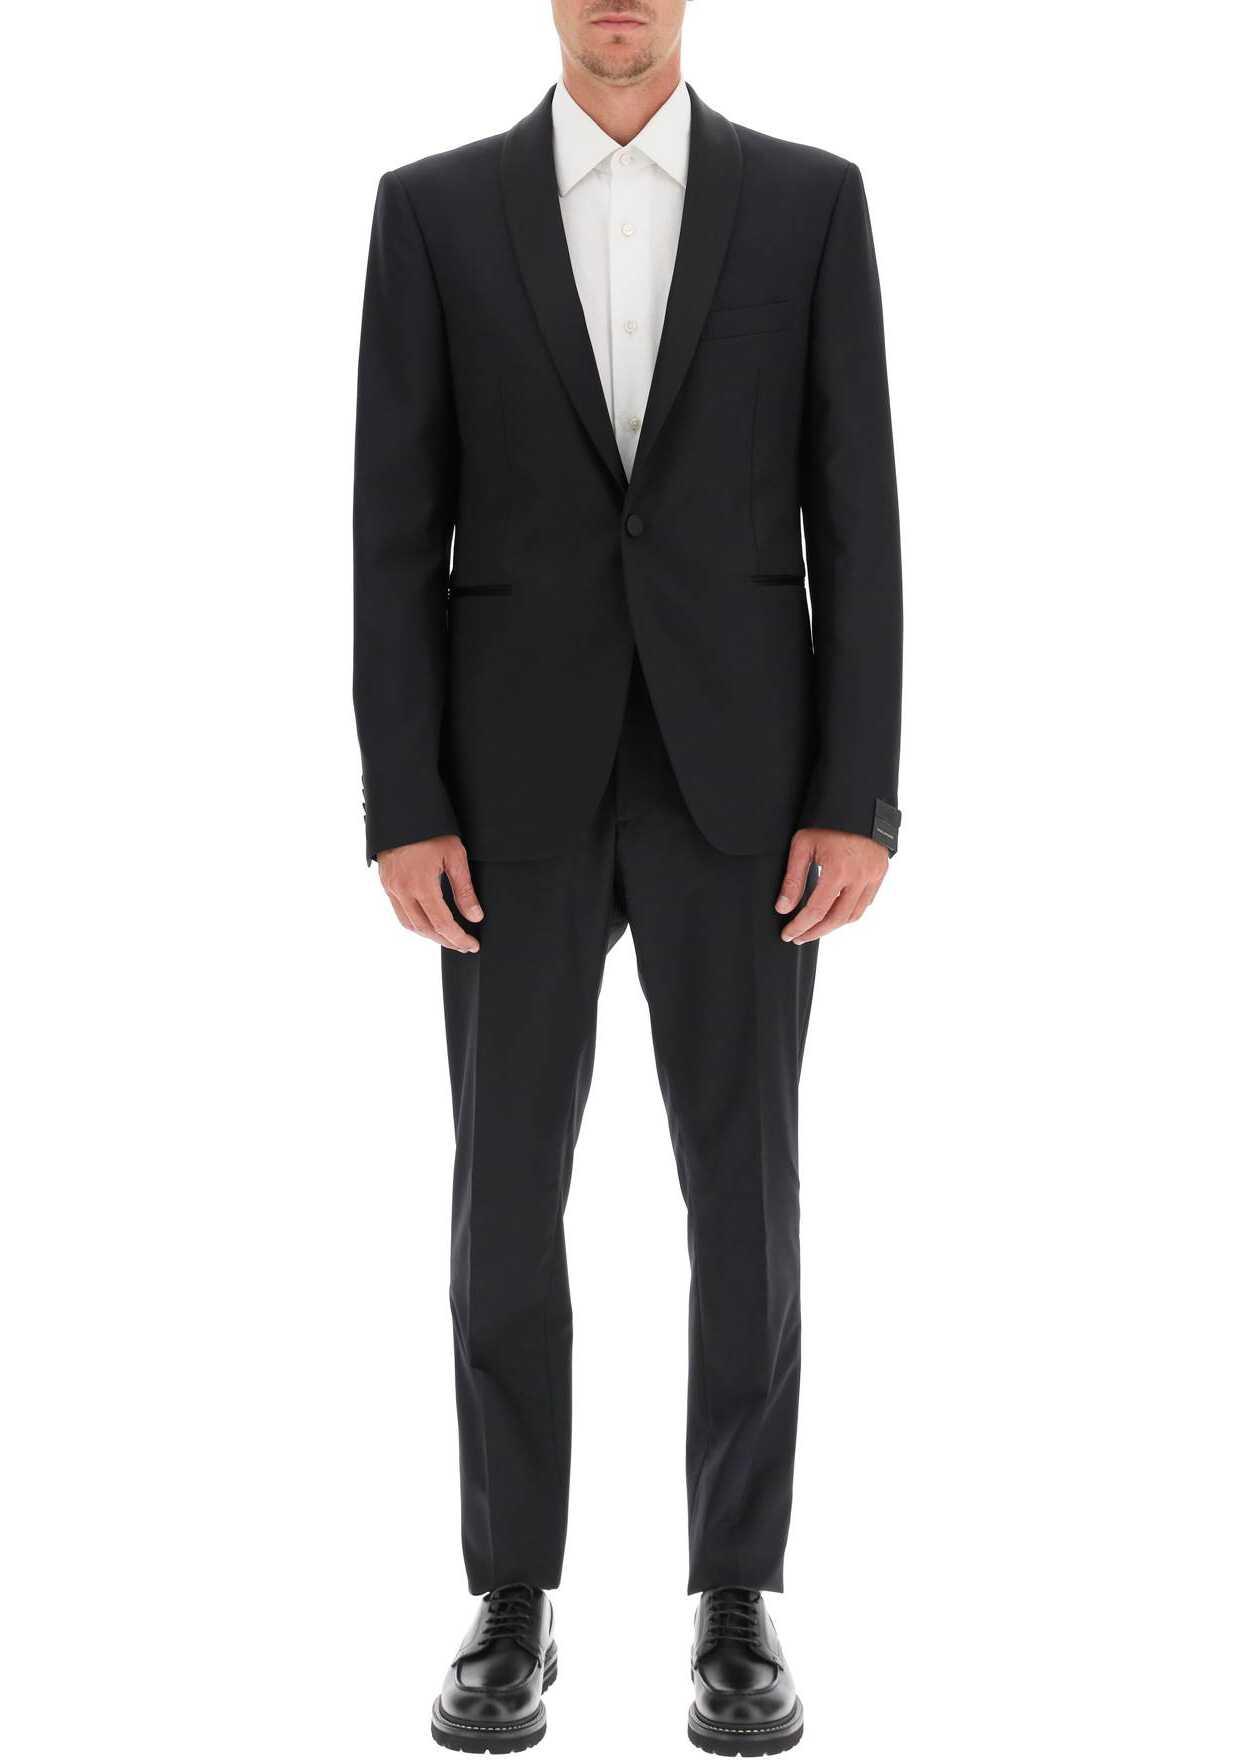 Tagliatore Tuxedo Suit BLACK imagine